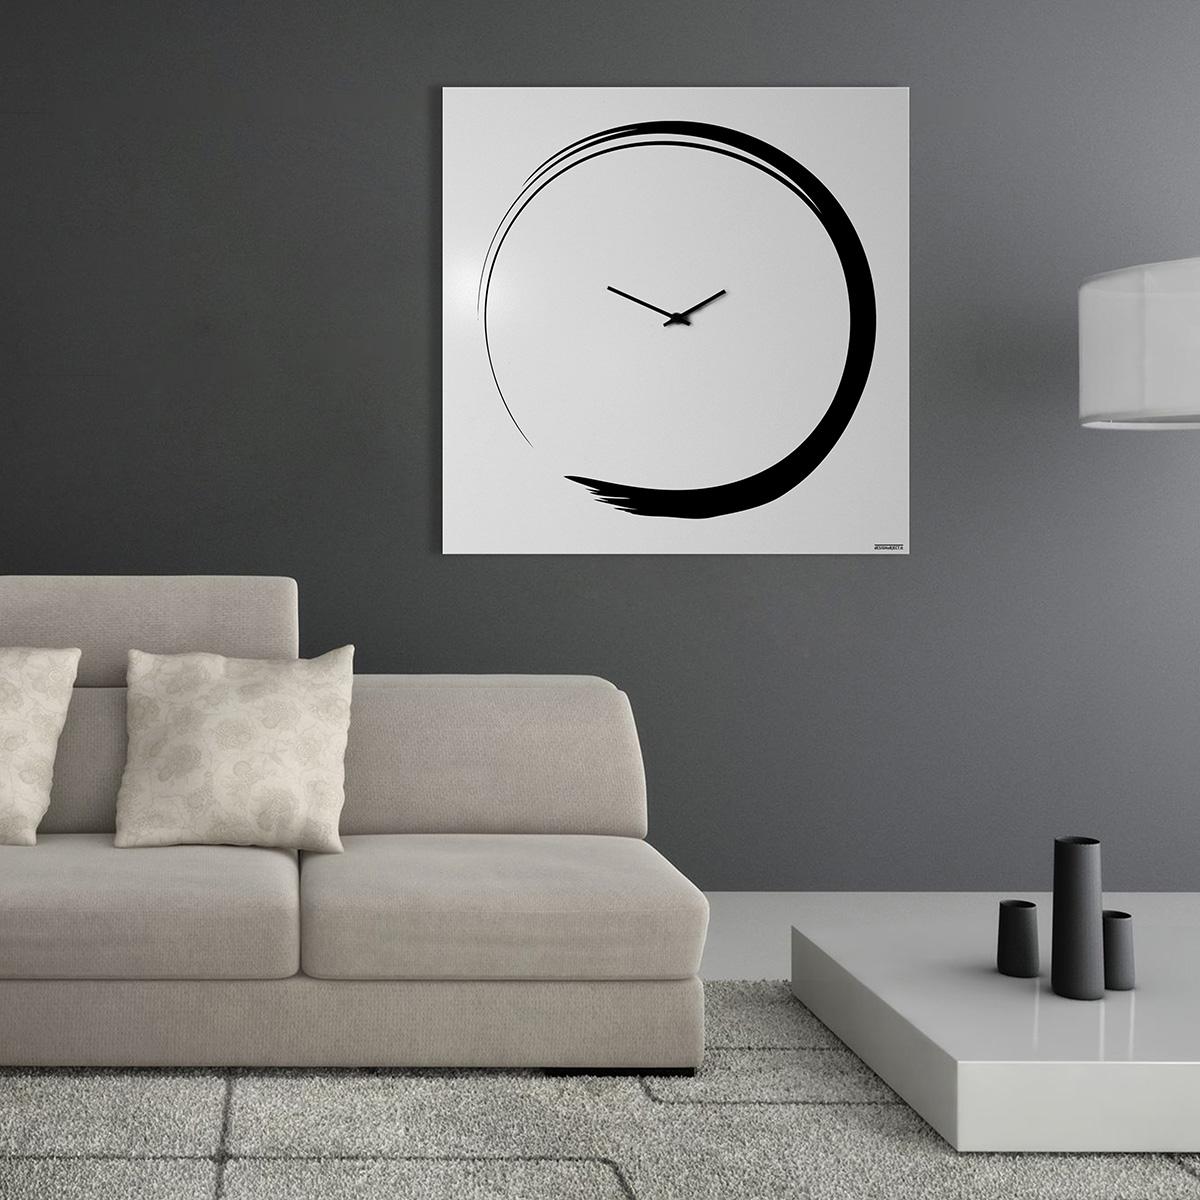 Tutte le novità classici, moderni e di design. Complementi D Arredo Di Design L Attenzione Verso I Dettagli